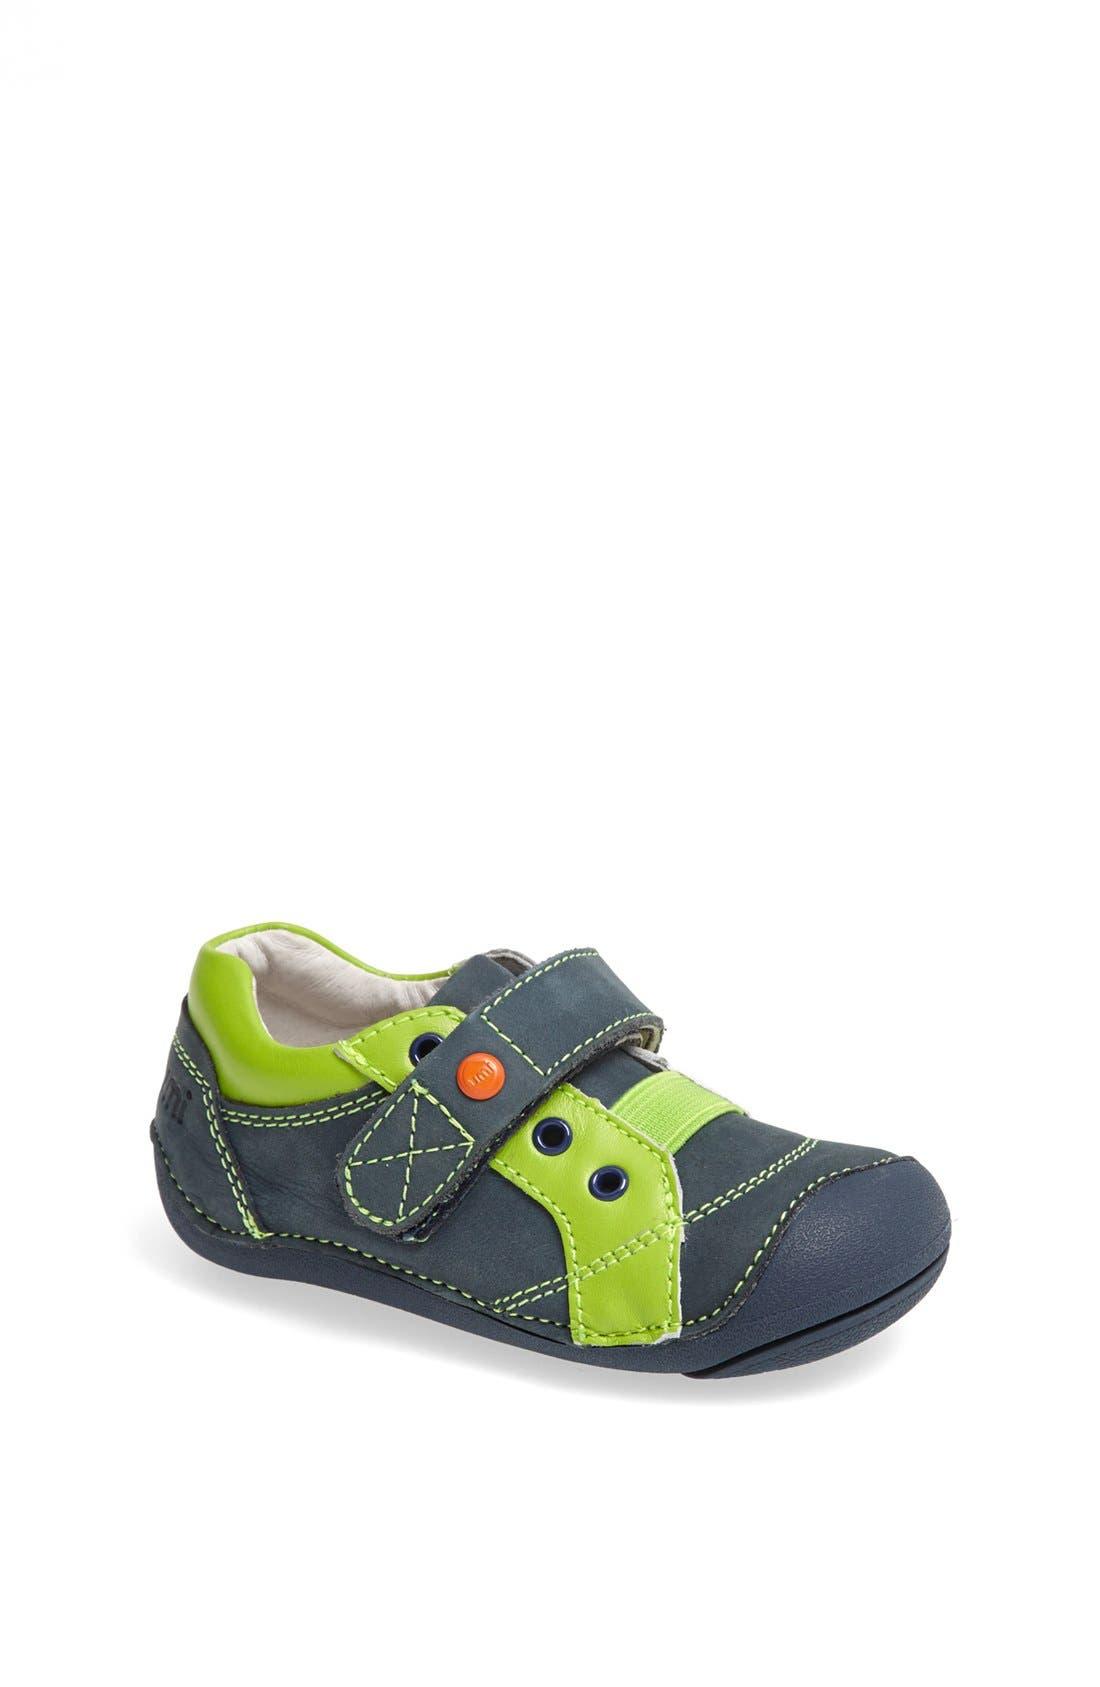 Main Image - Umi 'Weelie' Oxford Sneaker (Baby & Walker)